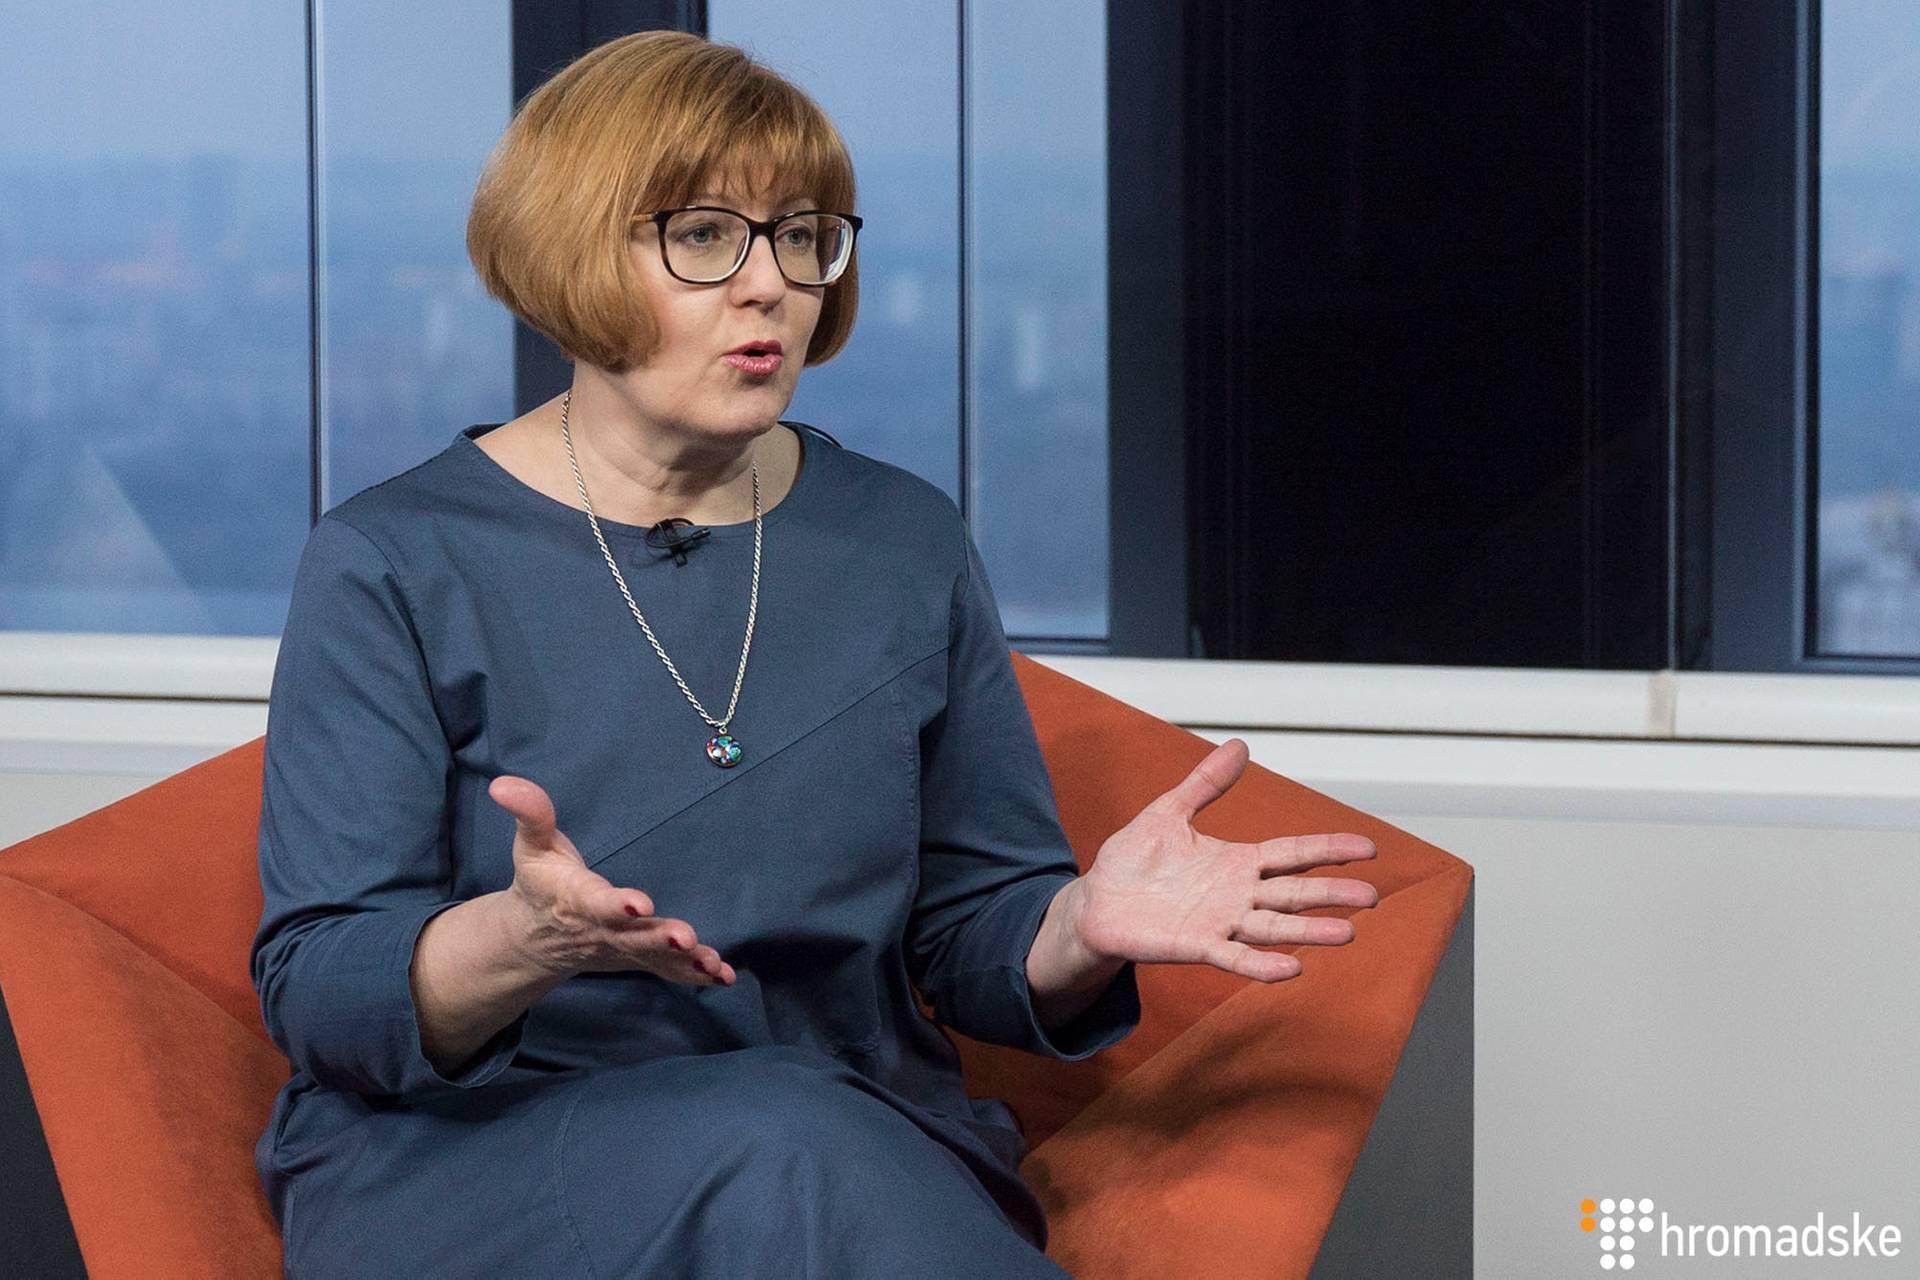 Головна редакторка Центру журналістських розслідувань Валентина Самар у студії Громадського, Київ, 24 лютого 2019 року